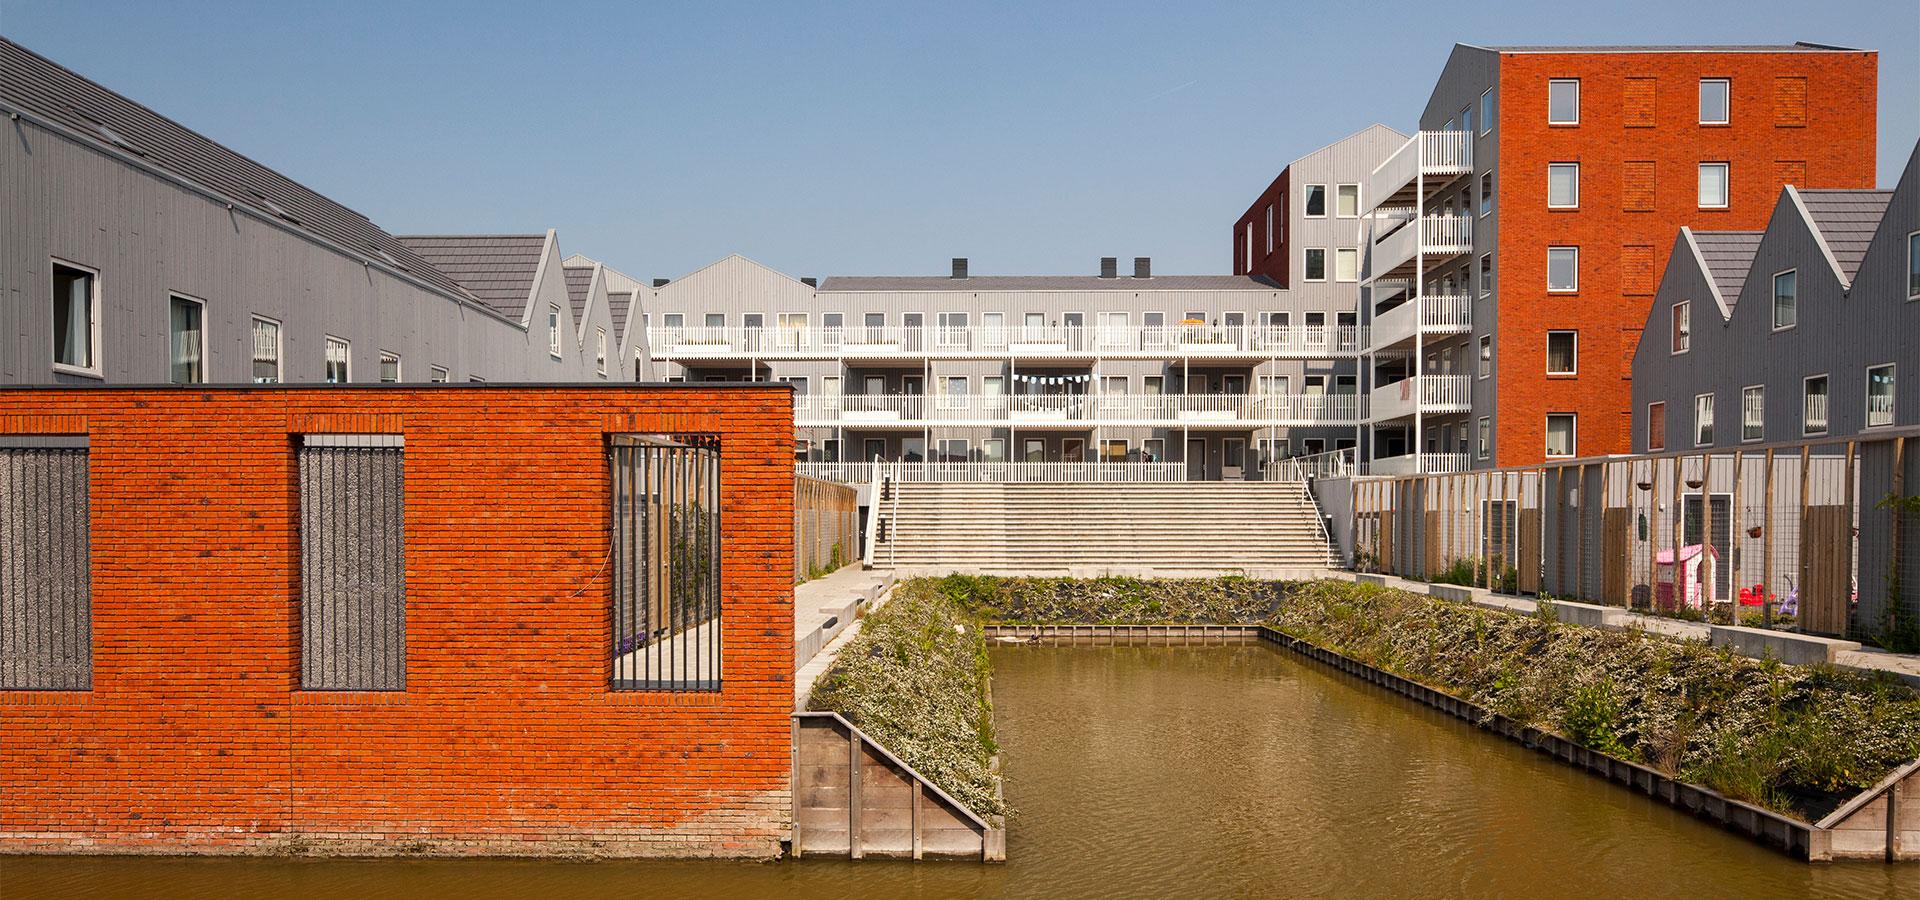 FARO architecten Harnaschpolder Delft 13